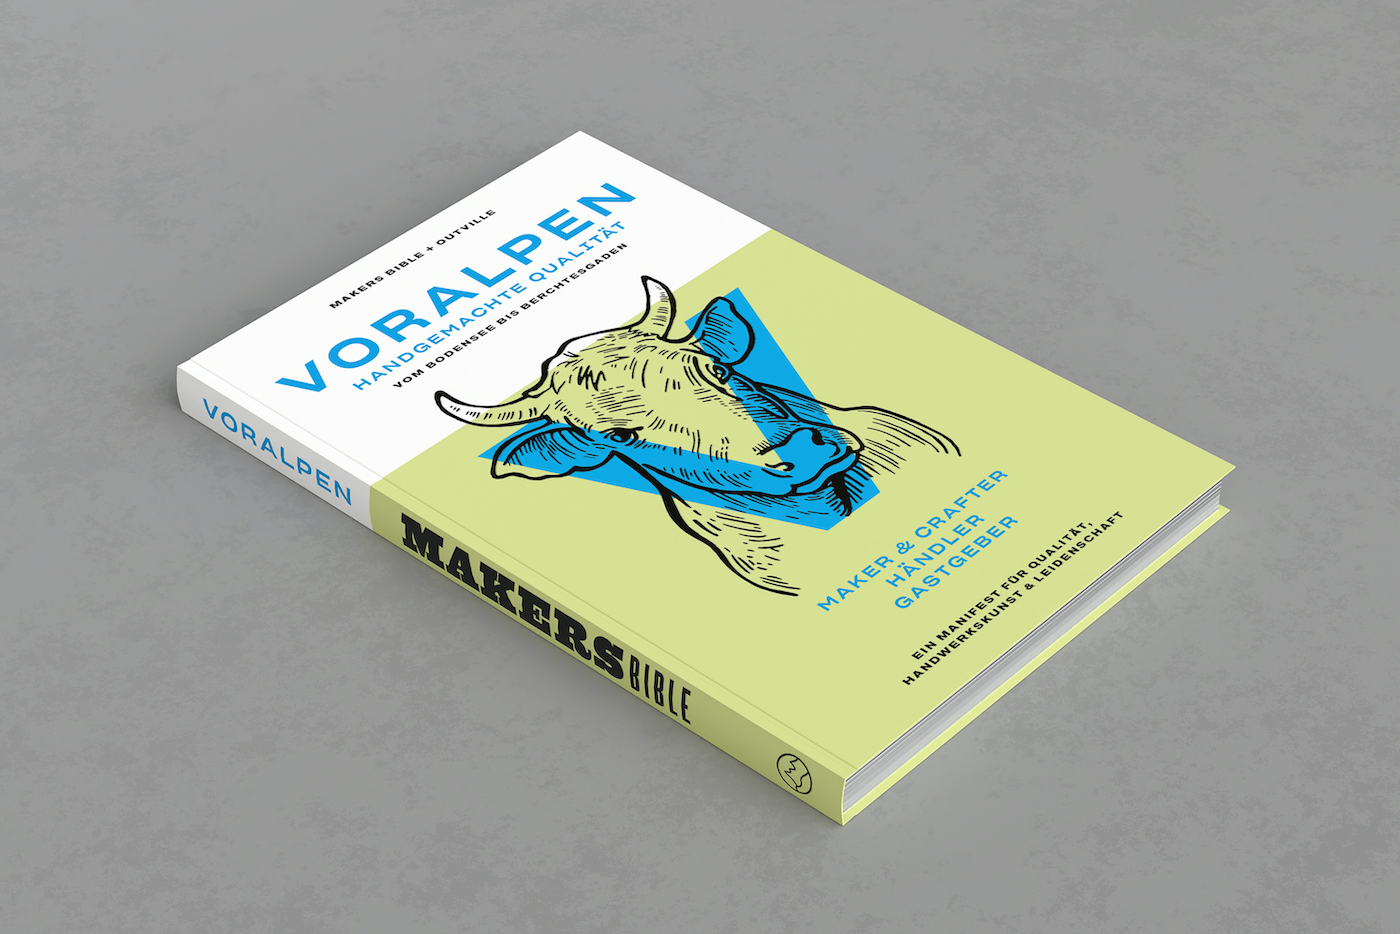 Voralpen_Presse_Book_2